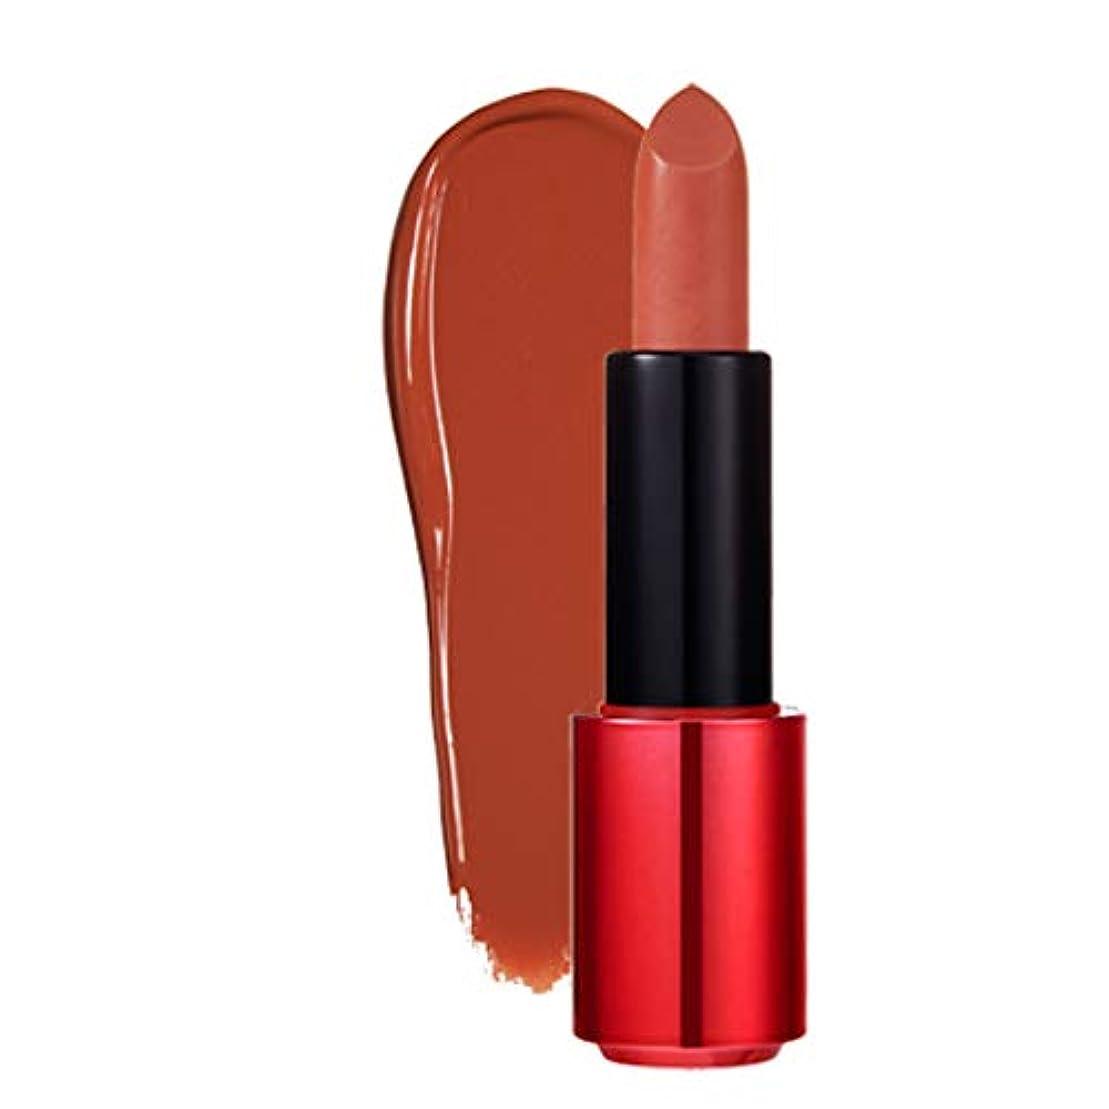 受信機暫定夜明けエチュードハウス ルドルフ ベター リップス - トーク Etude House Rudolph, Coming To Town Better Lips Talk (#OR204 オレンジブラックティー(Orange black...